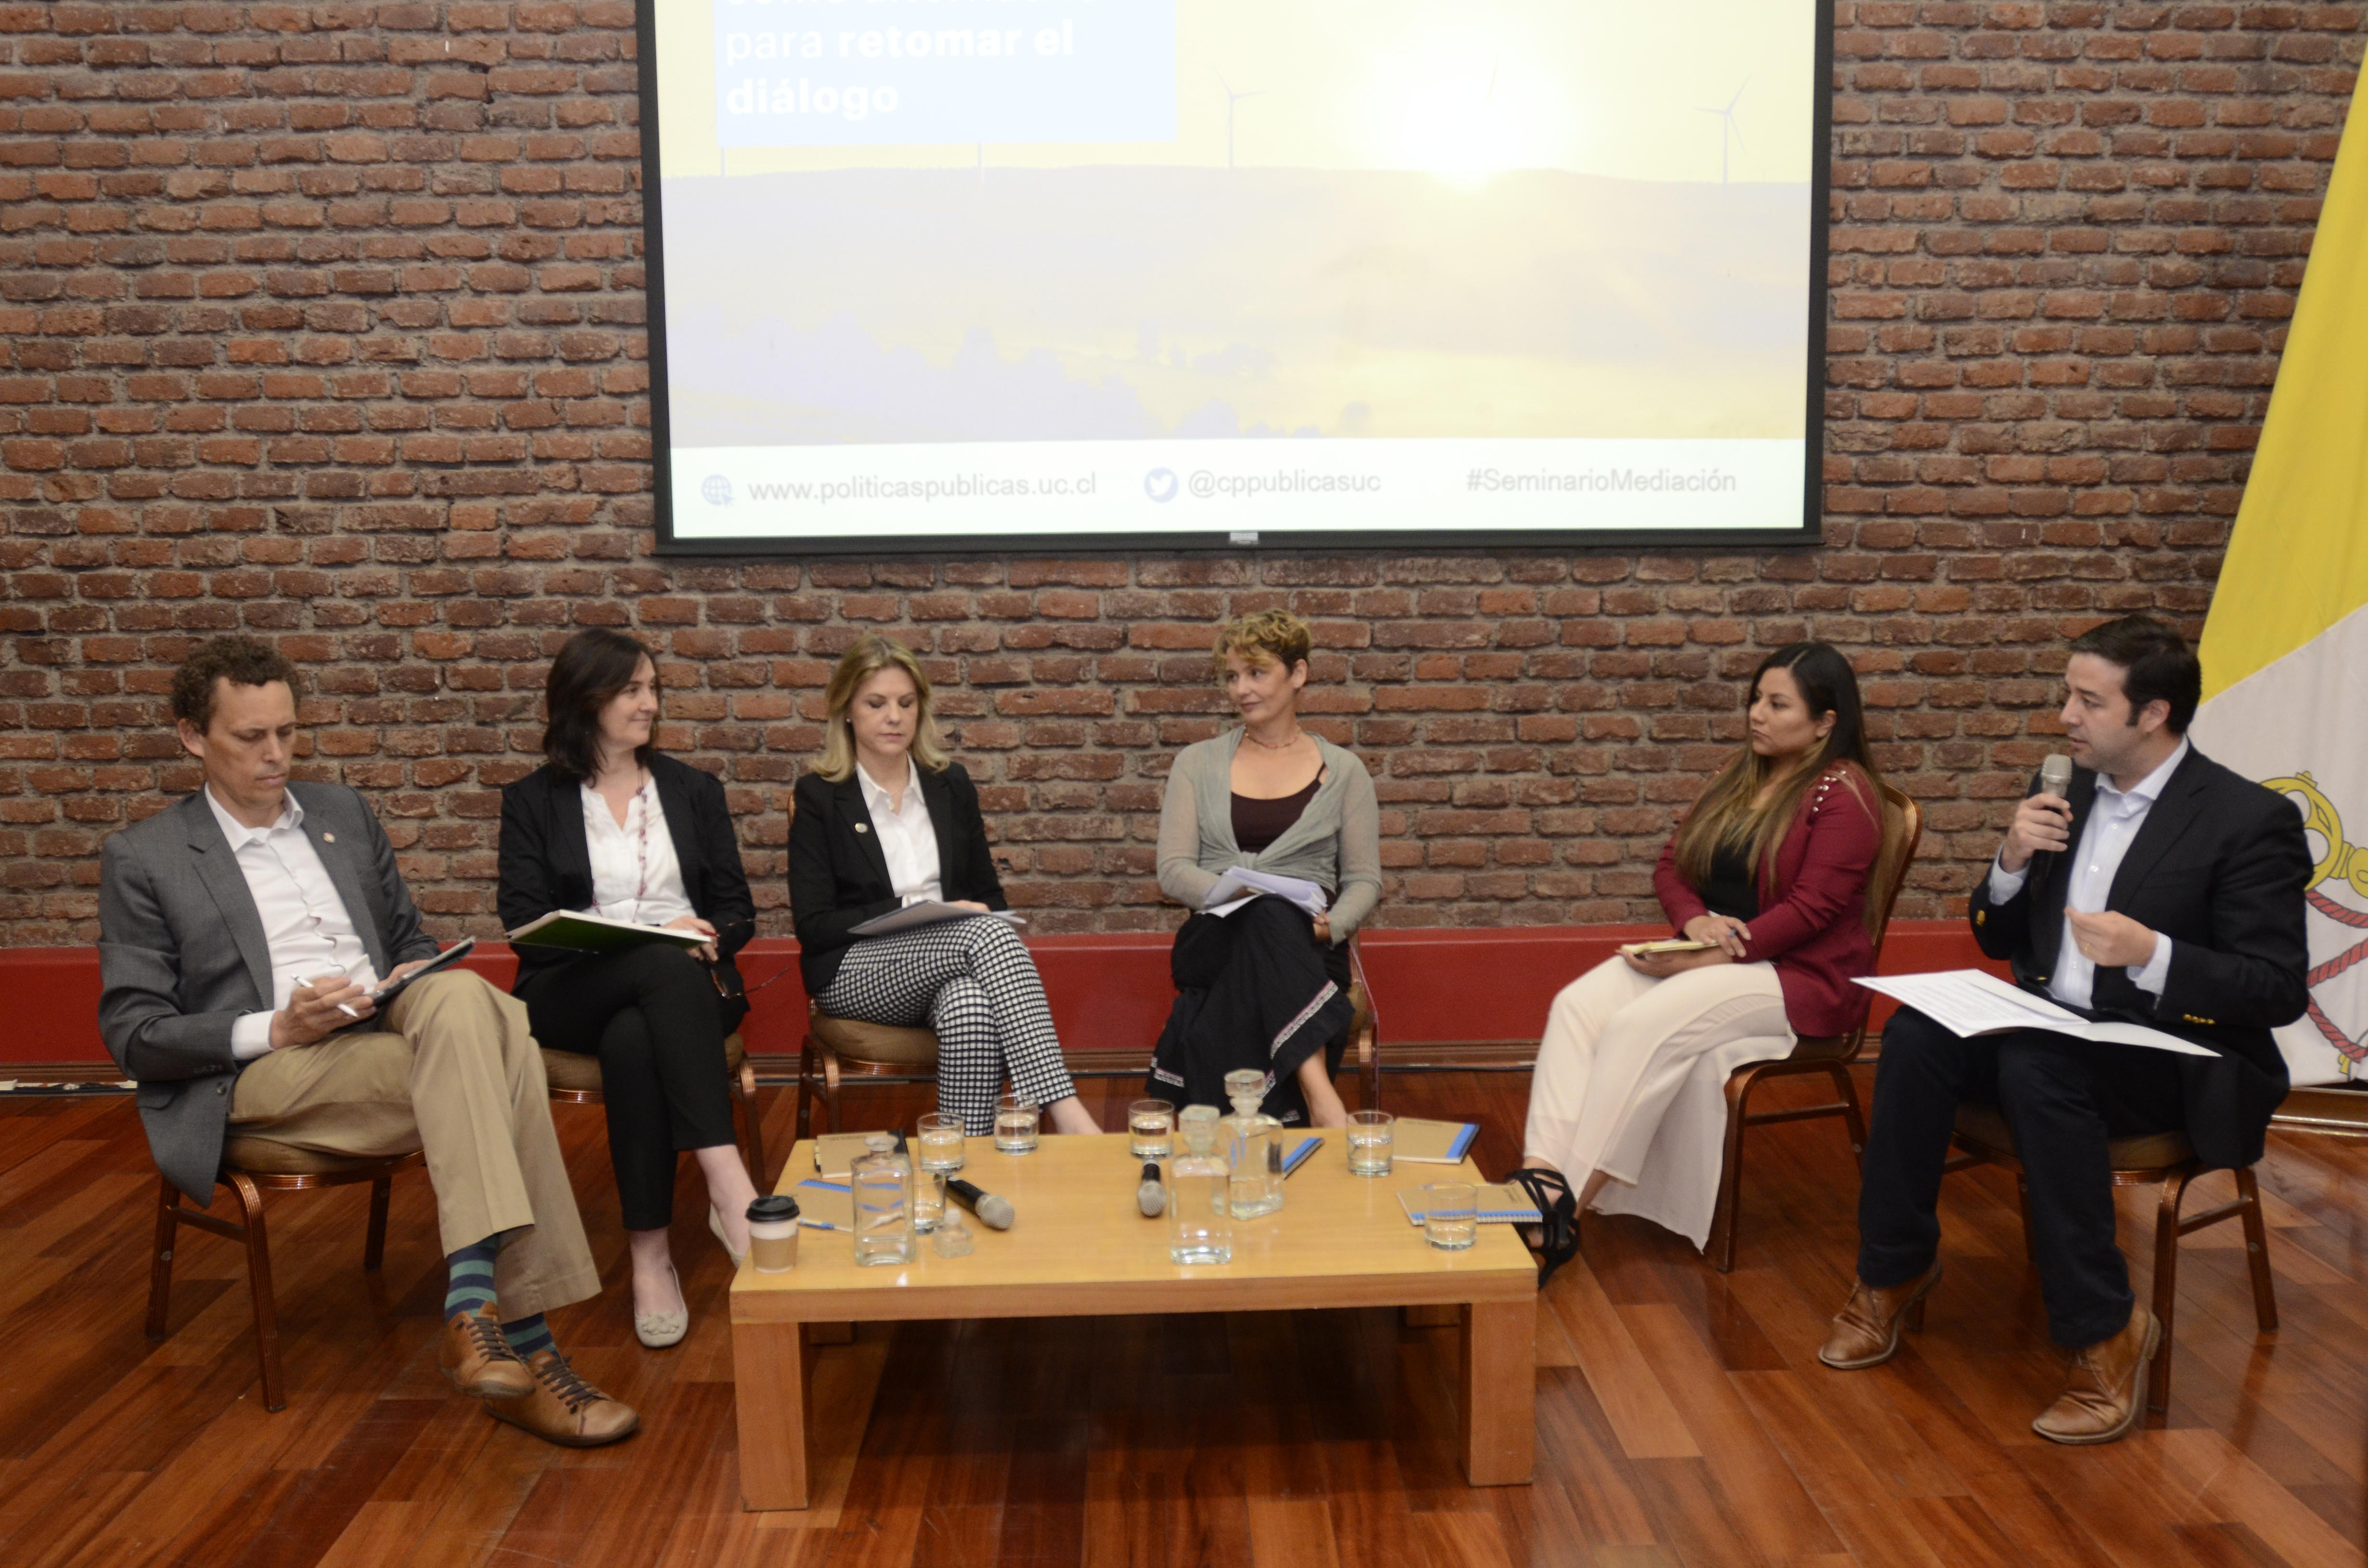 Experta internacional compartió estrategias y lecciones para la resolución de conflictos socioambientales